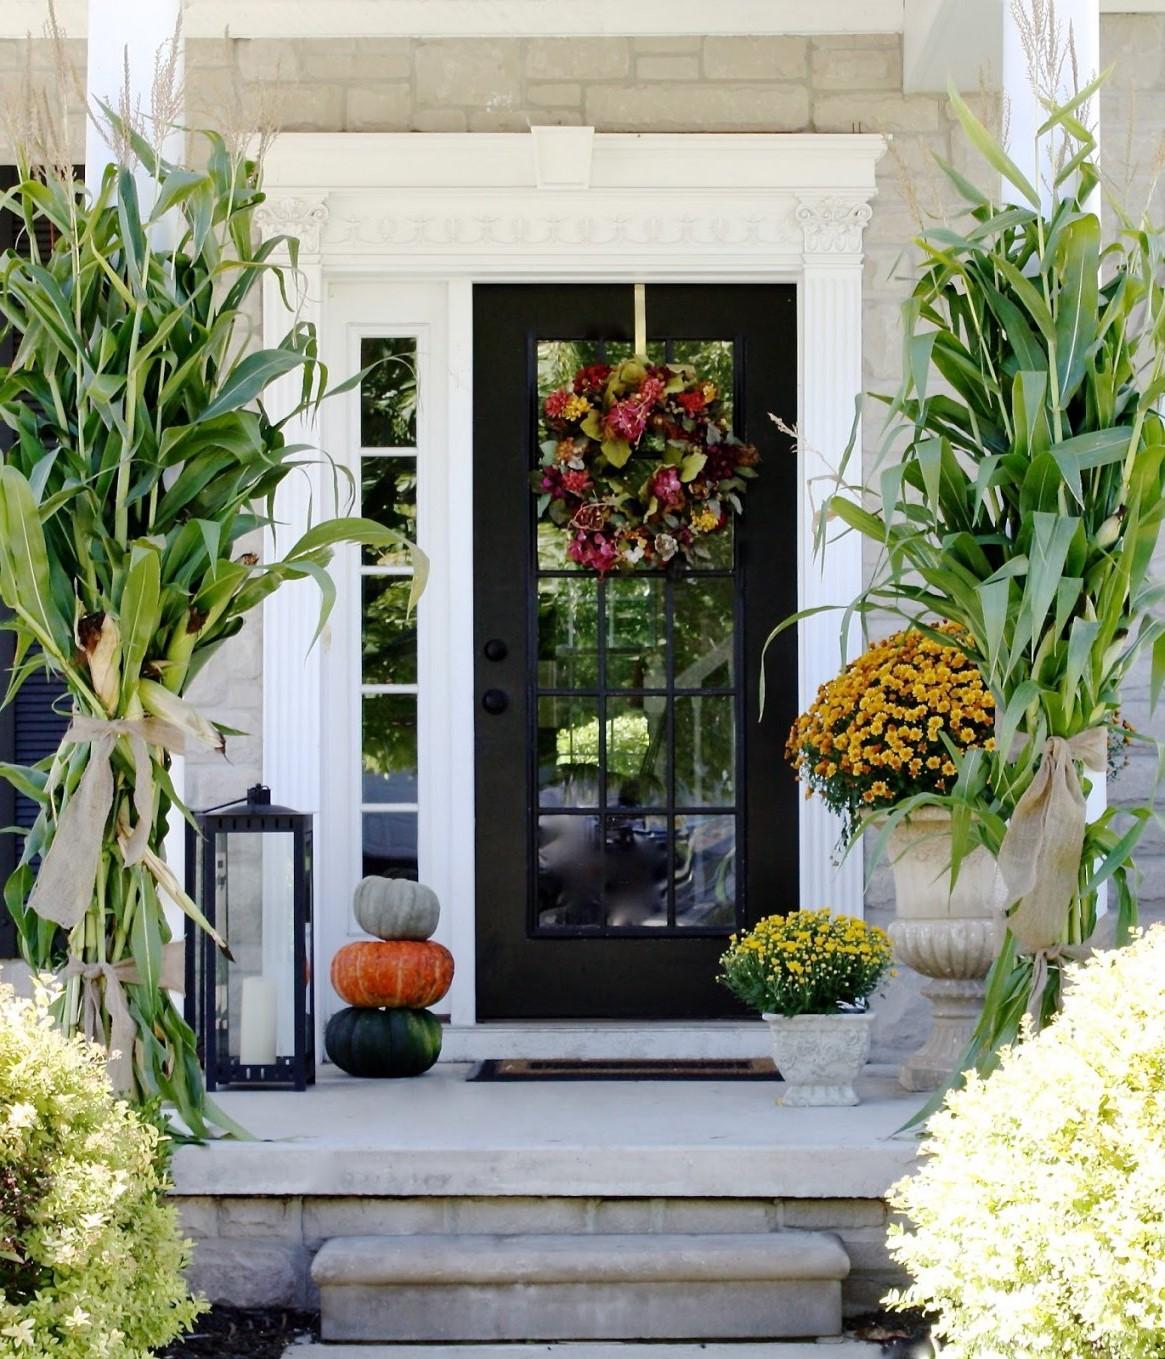 Idée déco automne pour votre porte d'entrée.